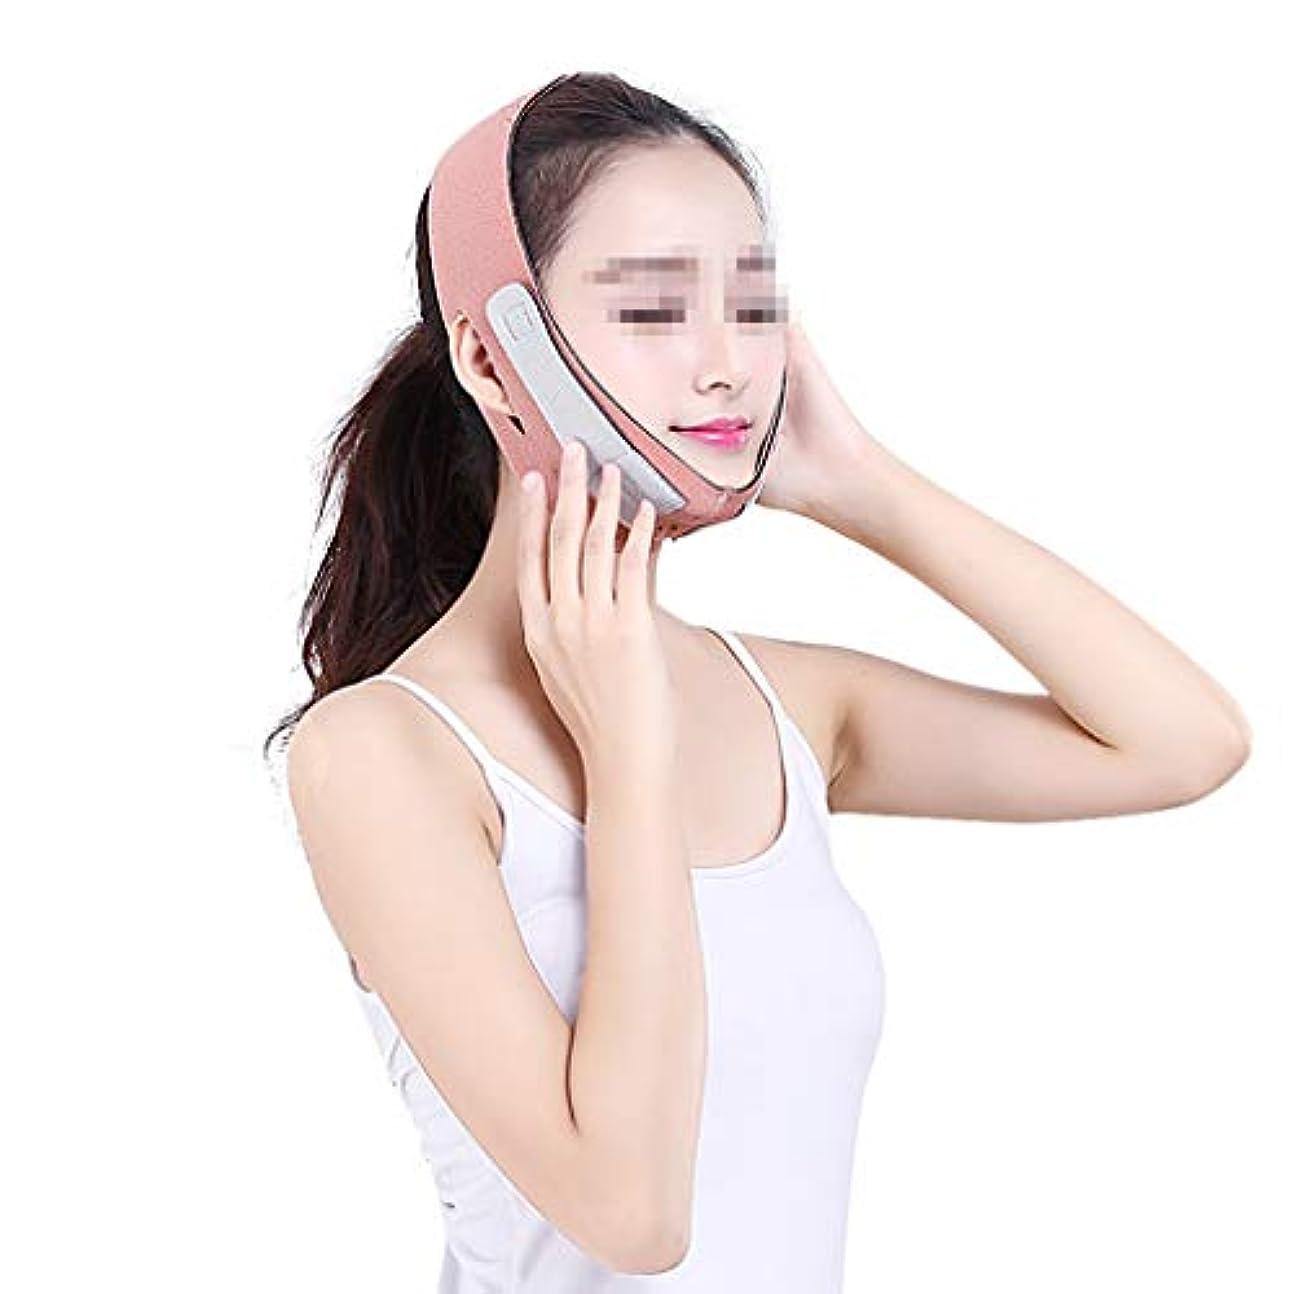 同化する性能前部顔の持ち上がる睡眠のV顔の包帯、マスクの顔の顔のマッサージャーのあごの顔の持ち上がる顔の持ち上がる顔の持ち上がる機械